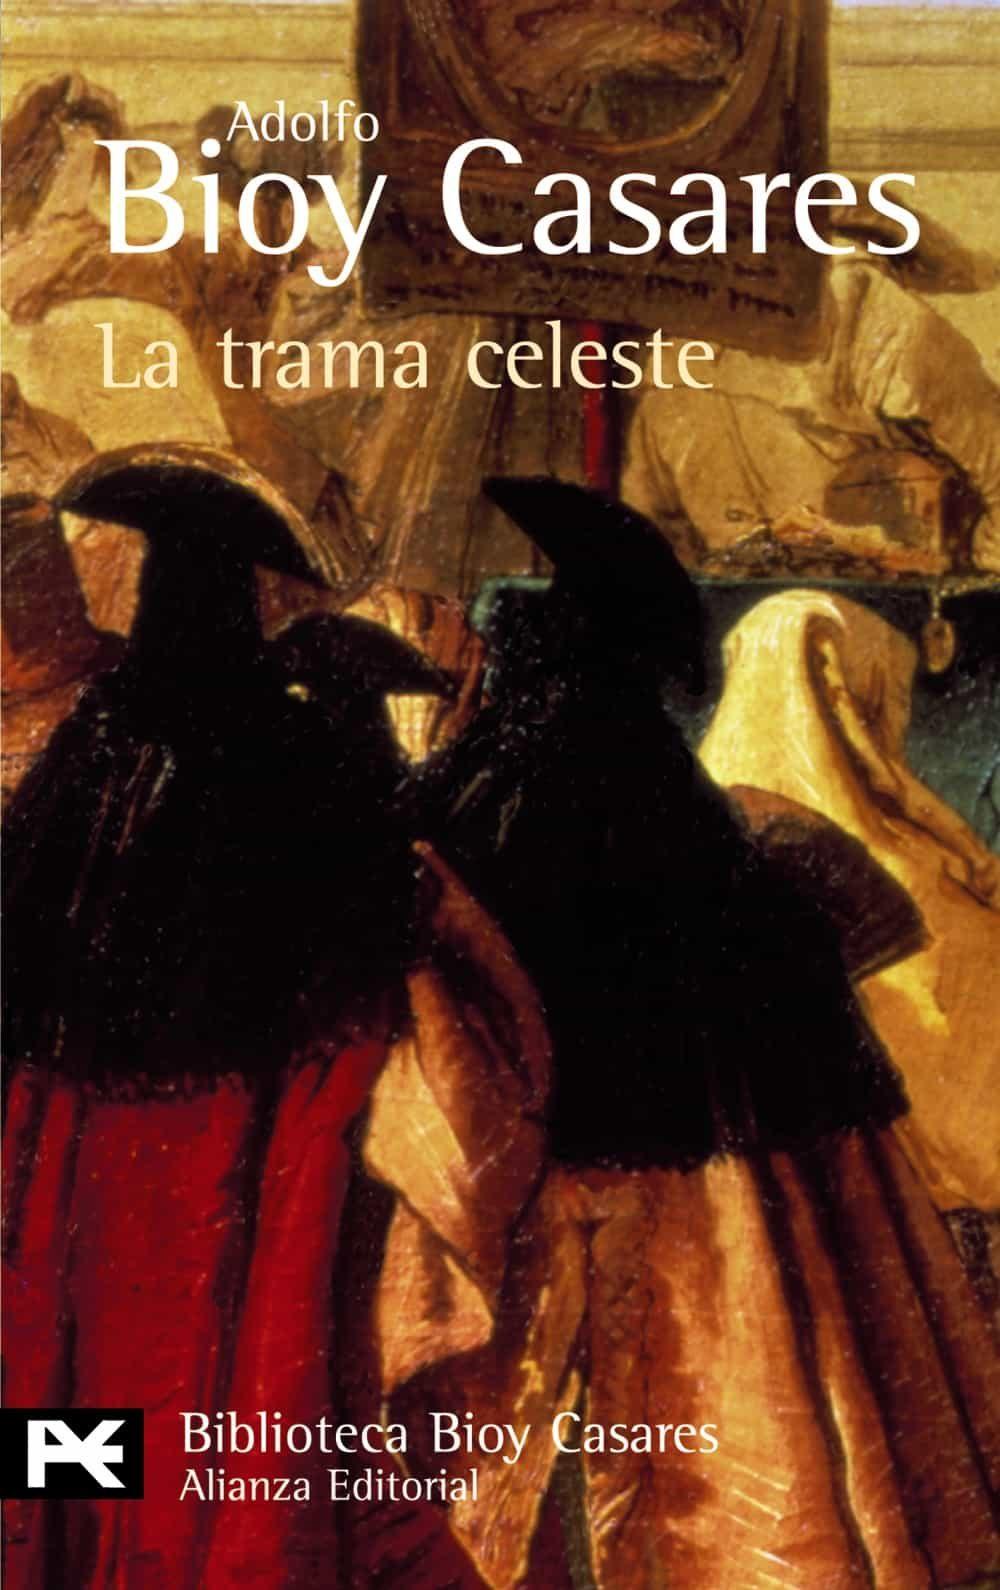 LA TRAMA CELESTE | ADOLFO BIOY CASARES | Comprar libro 9788420638768